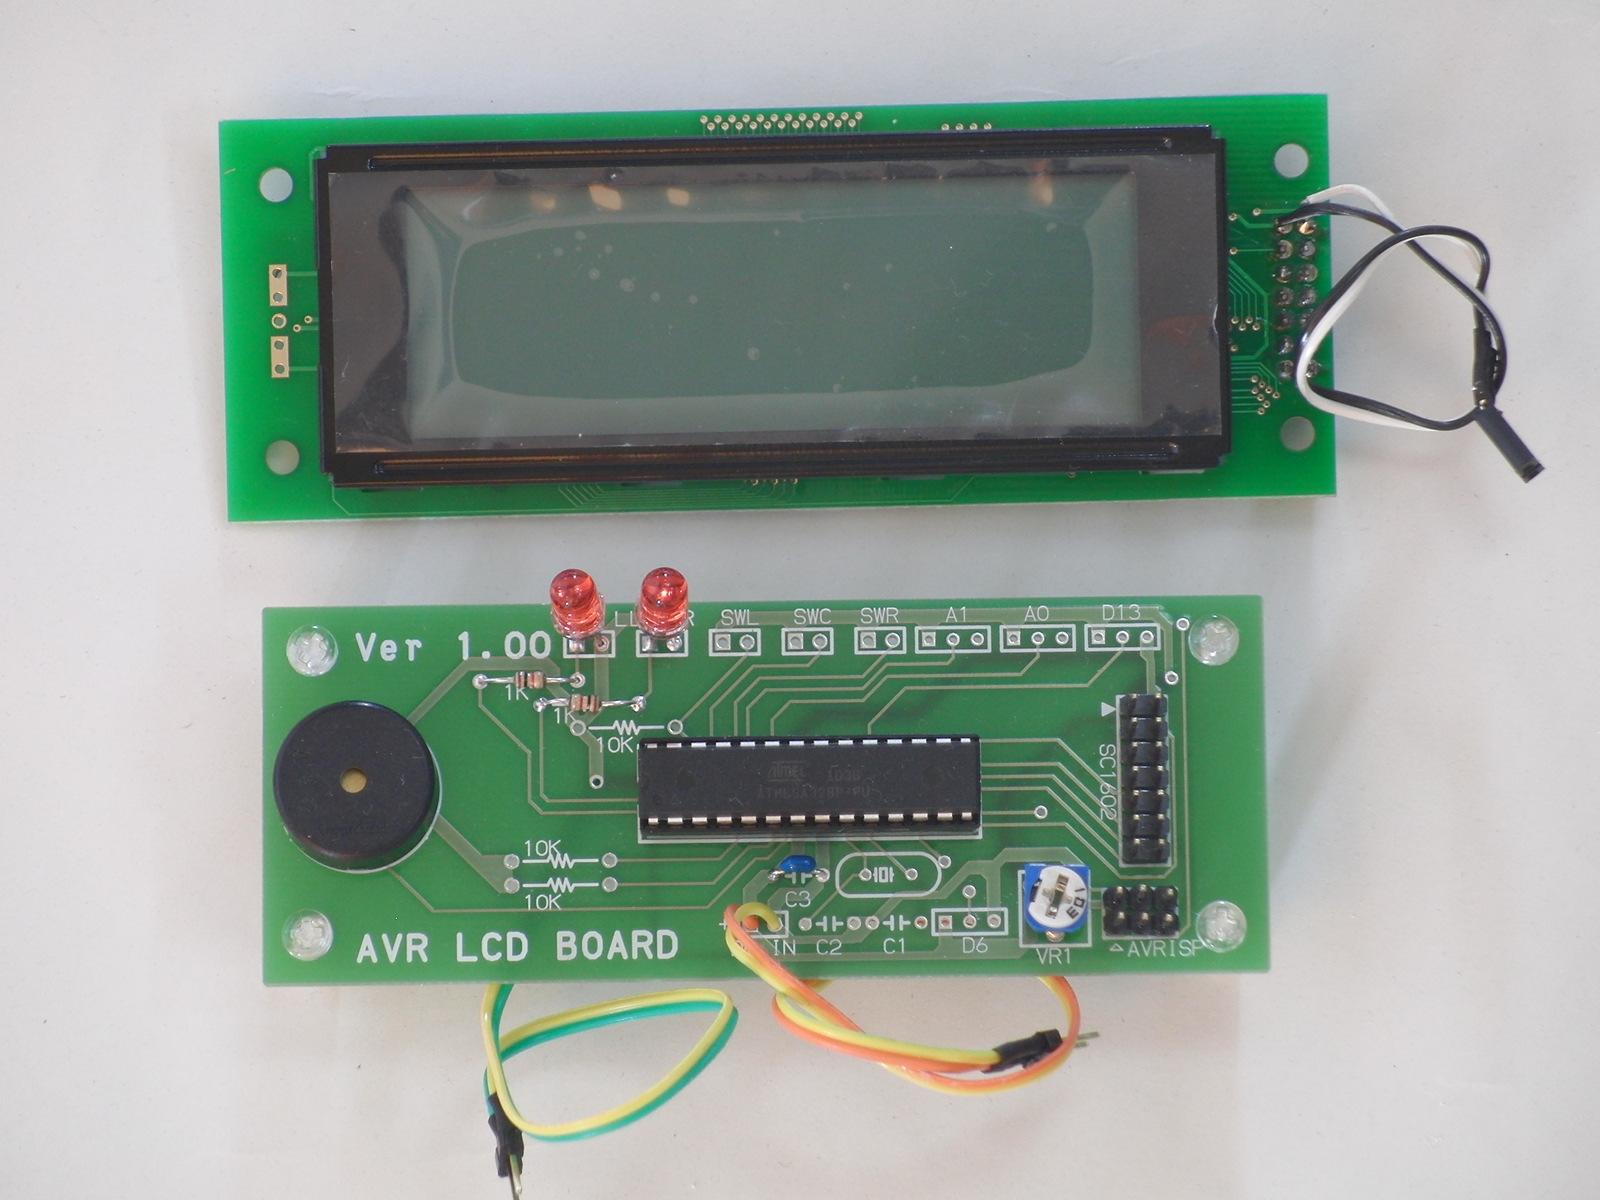 I2Cインターフェイス基板 LCD20x4付き (キット)